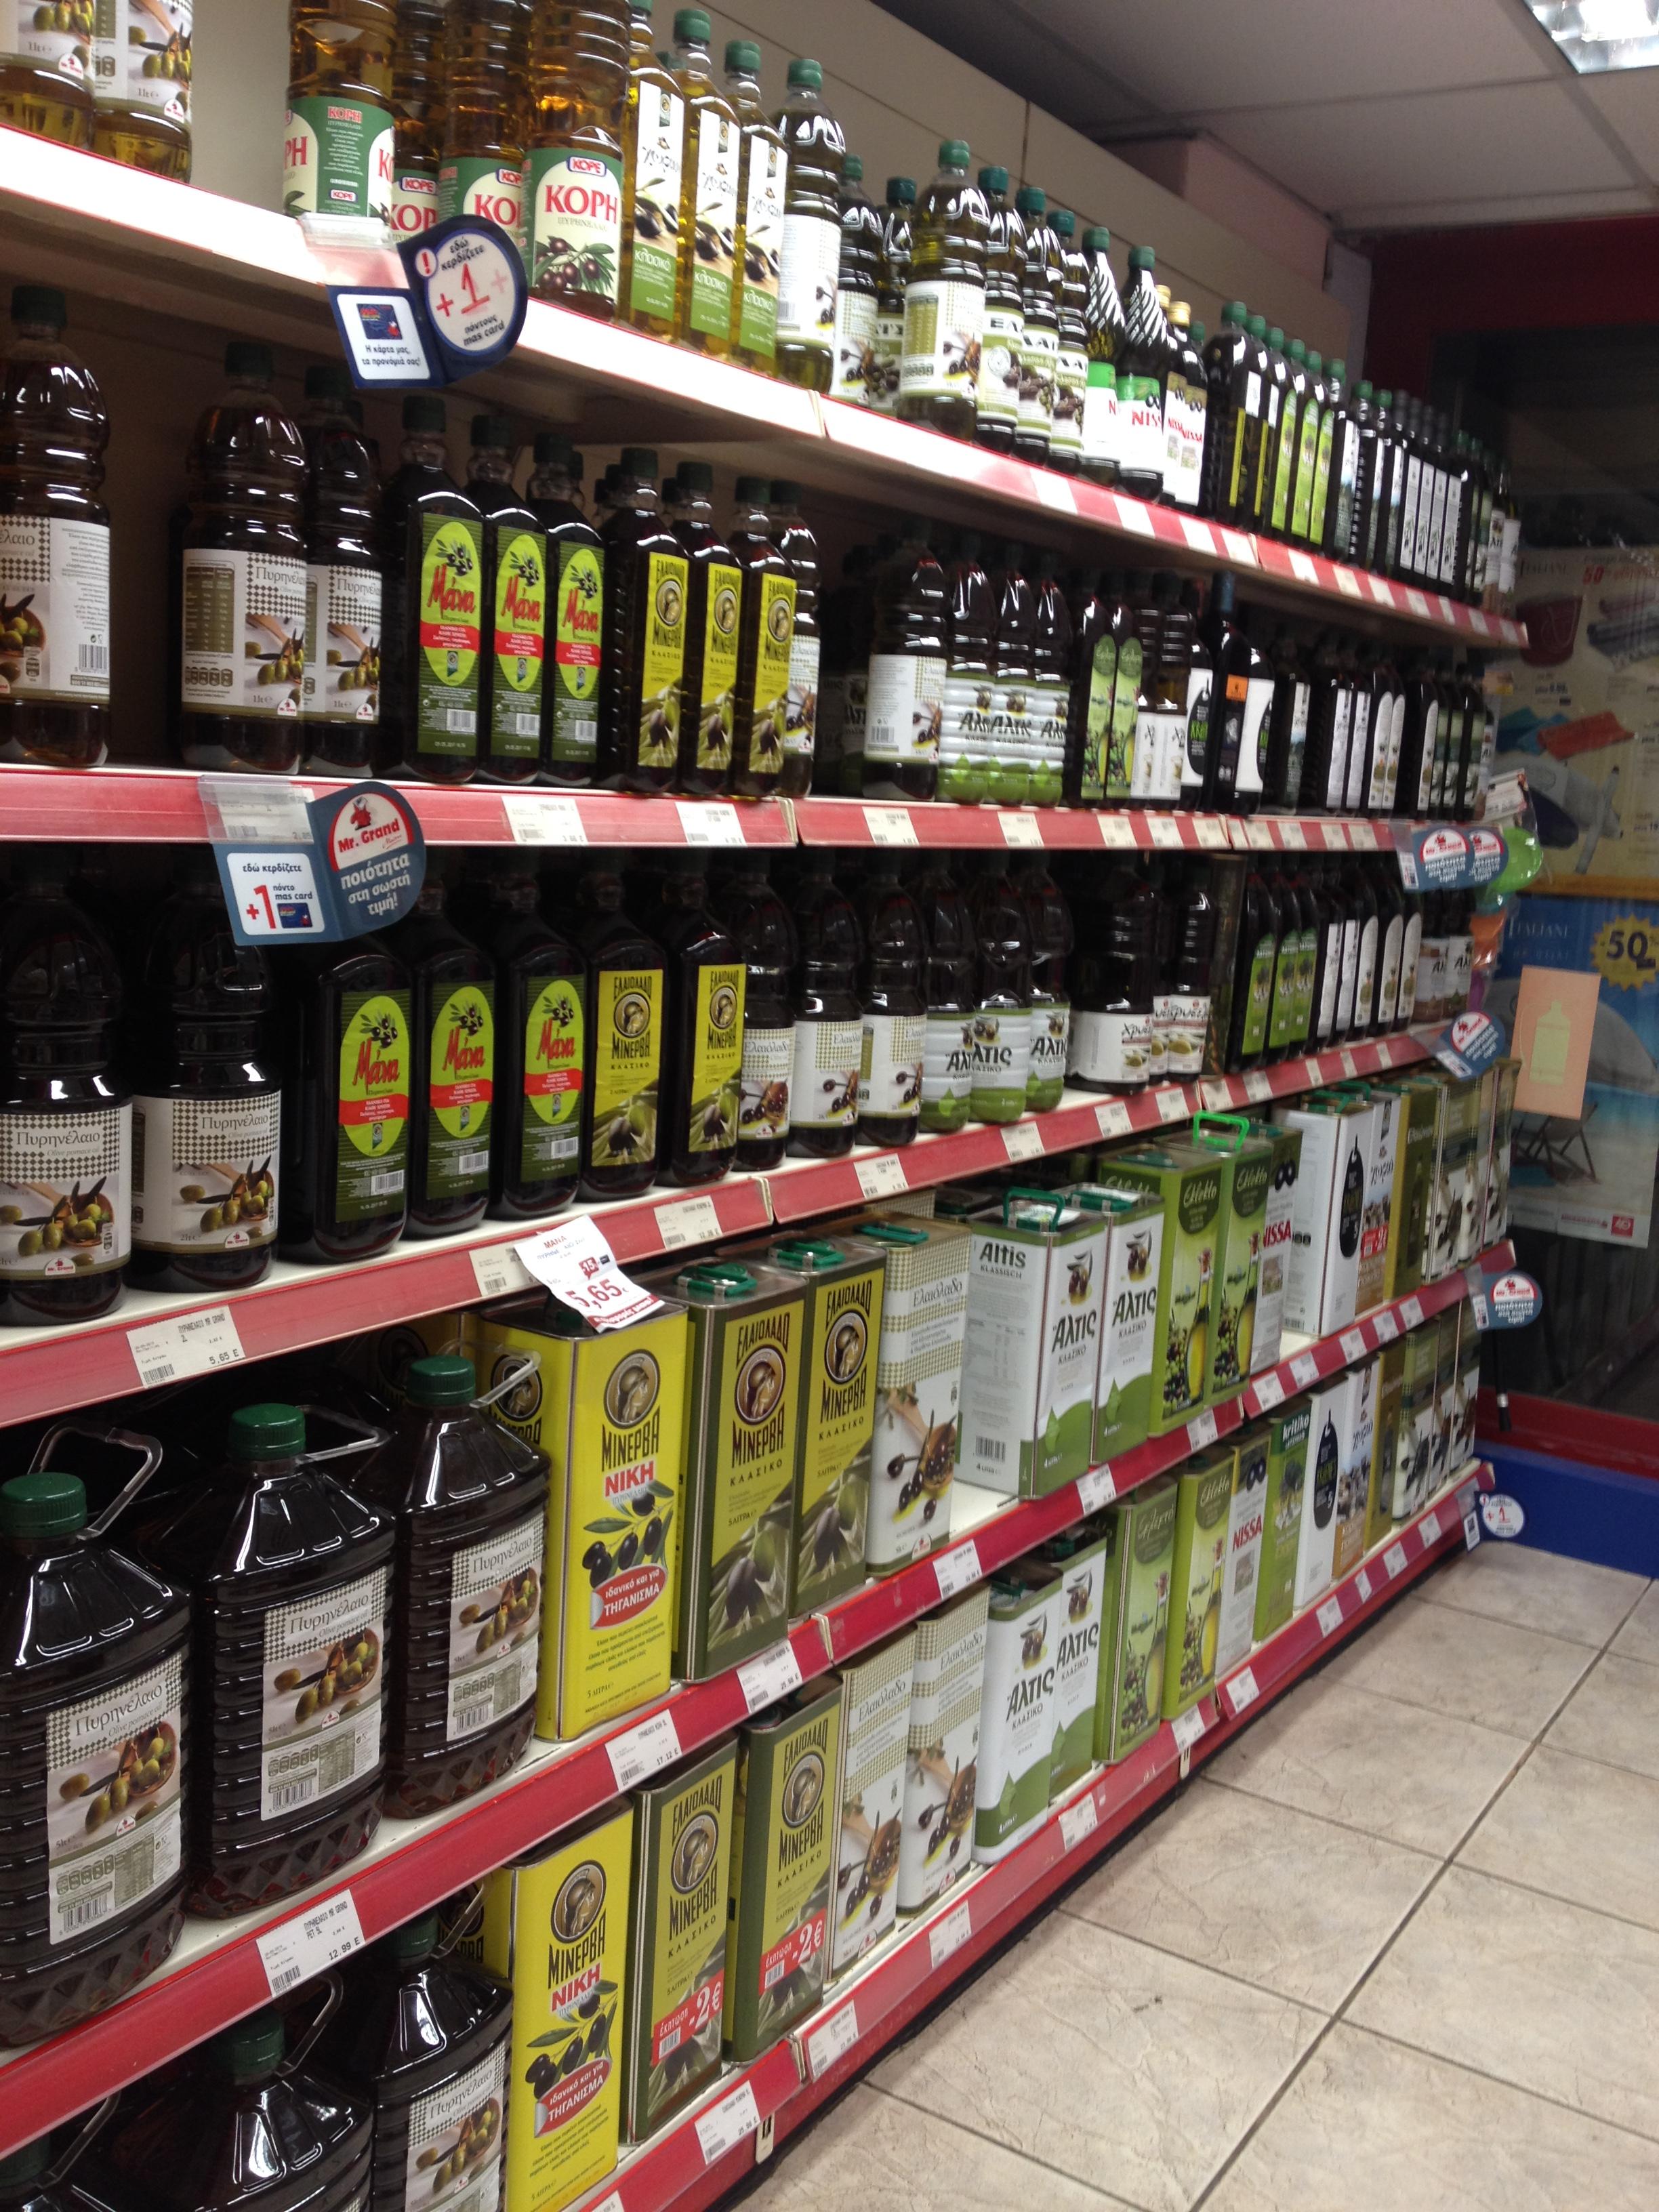 Egyik belvárosi élelmiszerbolt olívaolaj kínálata: a szupermarketekben ennél is nagyobb választékkal találkozhatunk. (Fotó: Sztogi)